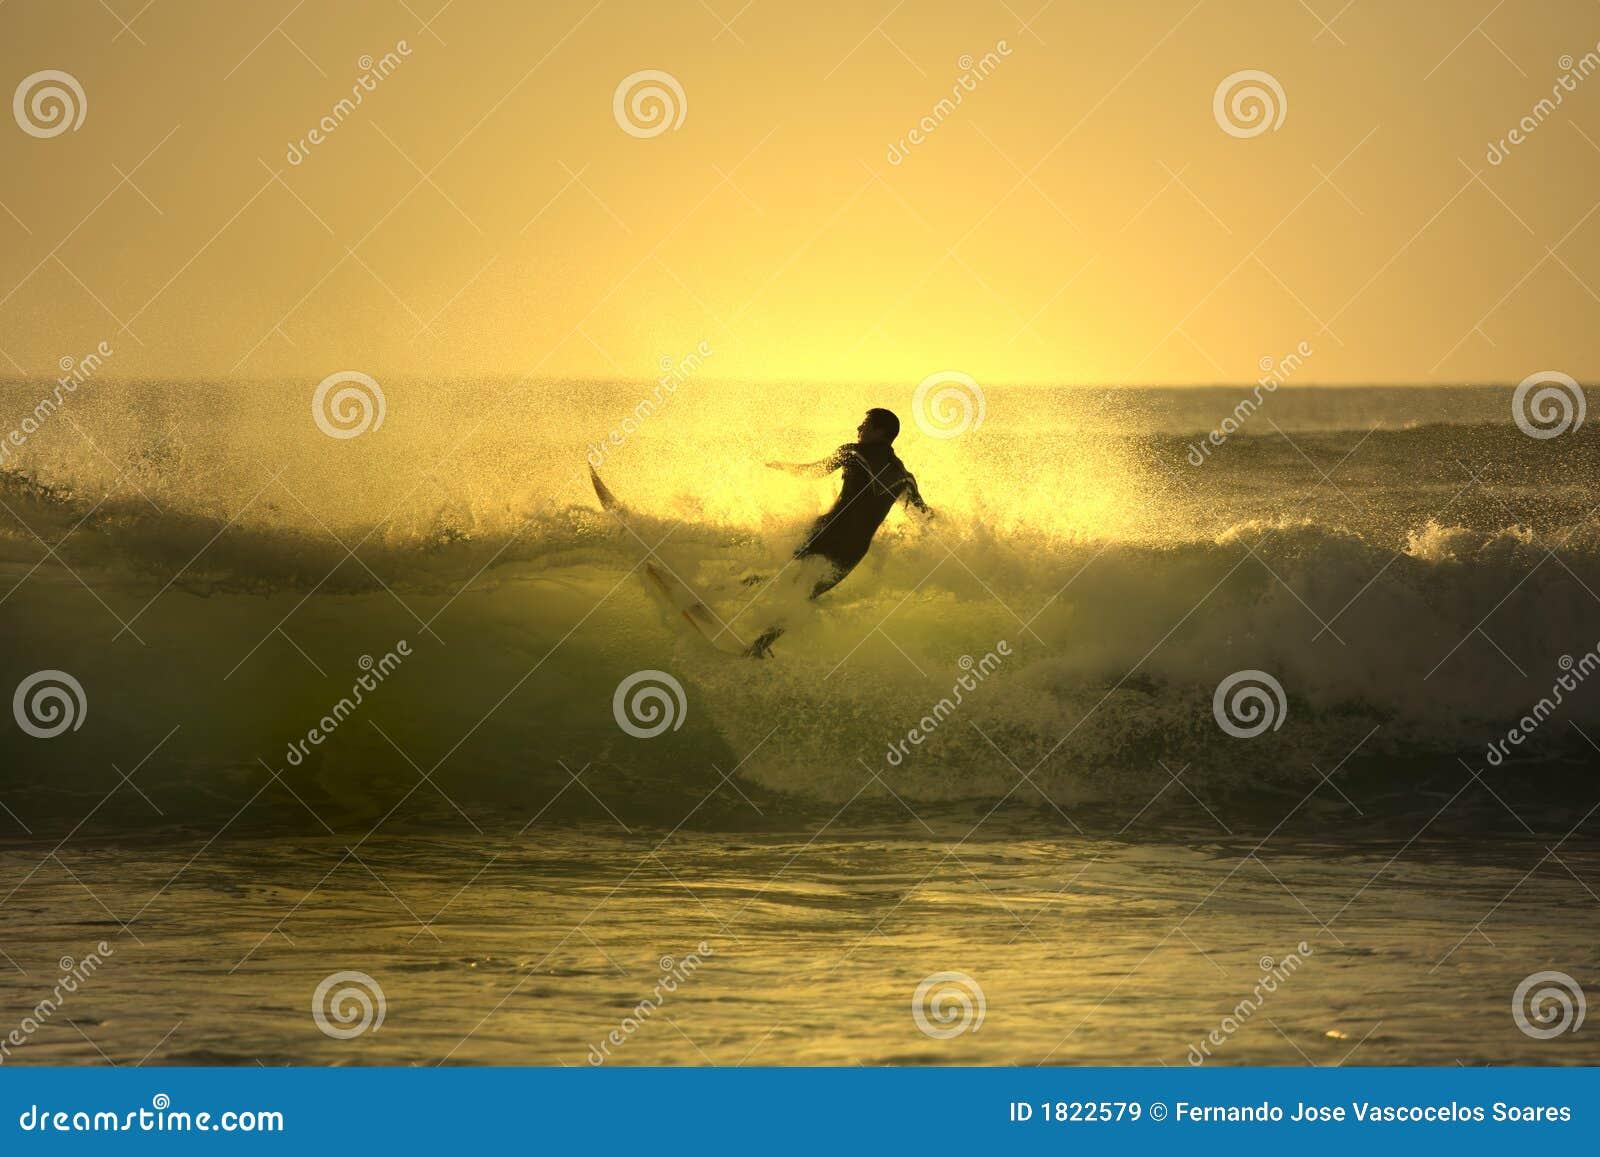 Zonsondergang die surfer valt